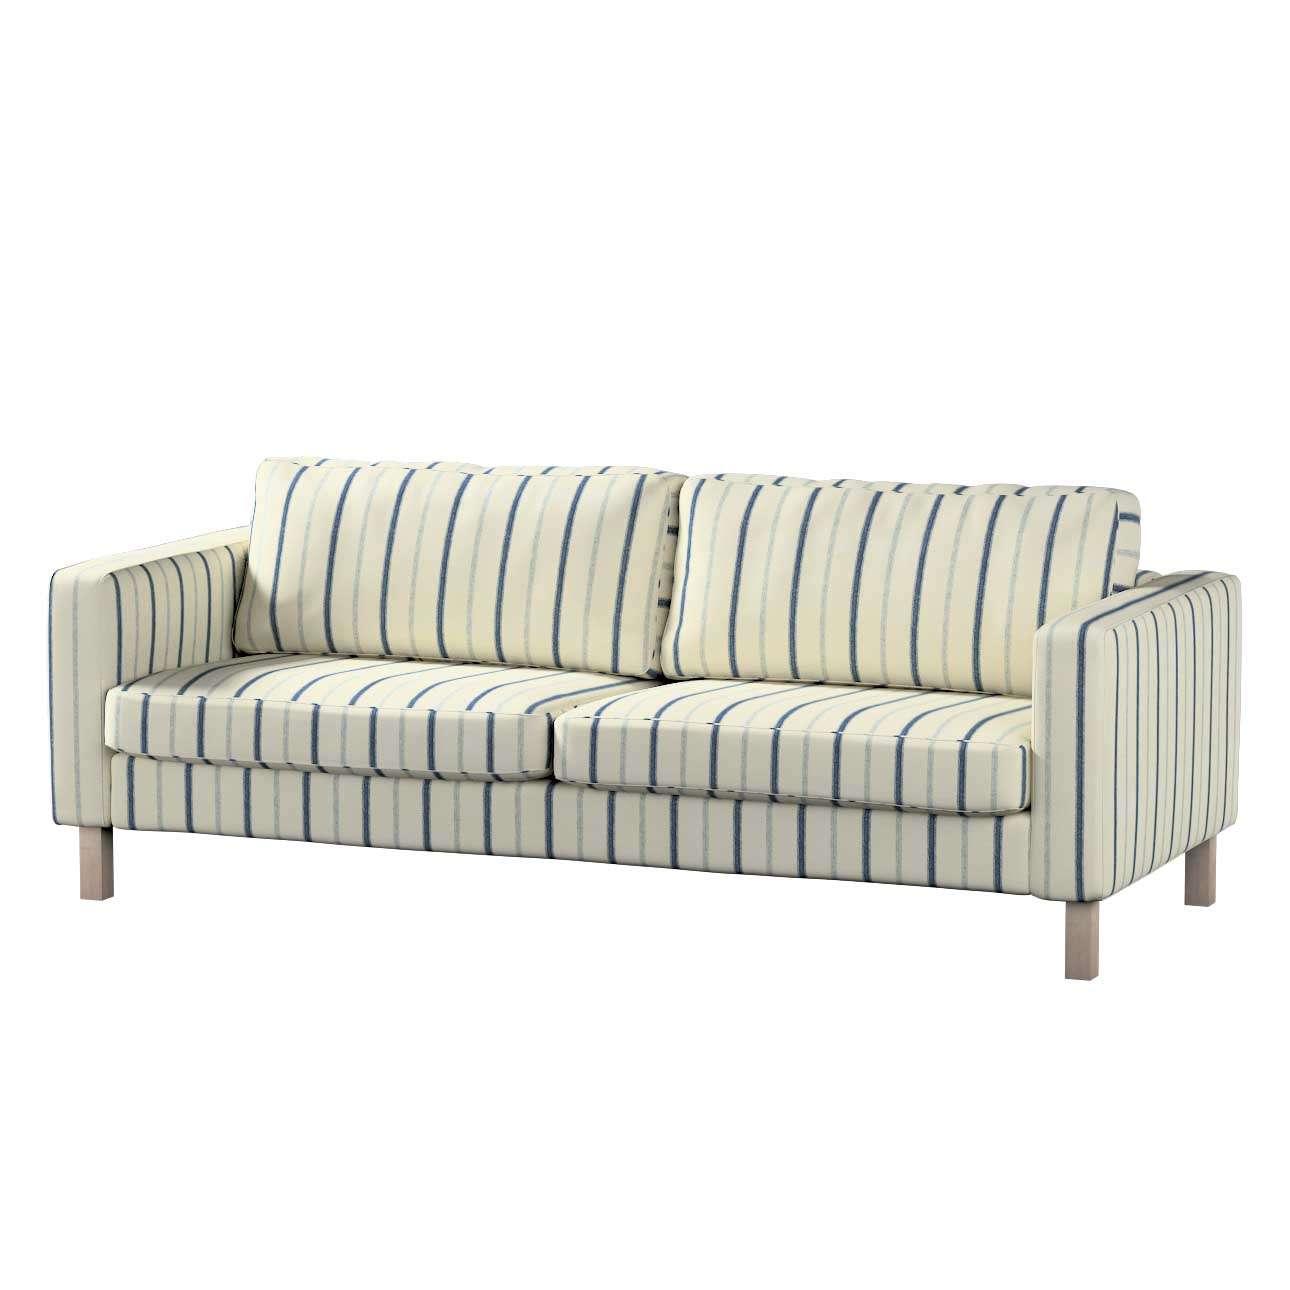 Karlstad sofos-lovos užvalkalas Karlstad trivietės sofos-lovos užvalkalas (išlankstomai sofai) kolekcijoje Avinon, audinys: 129-66